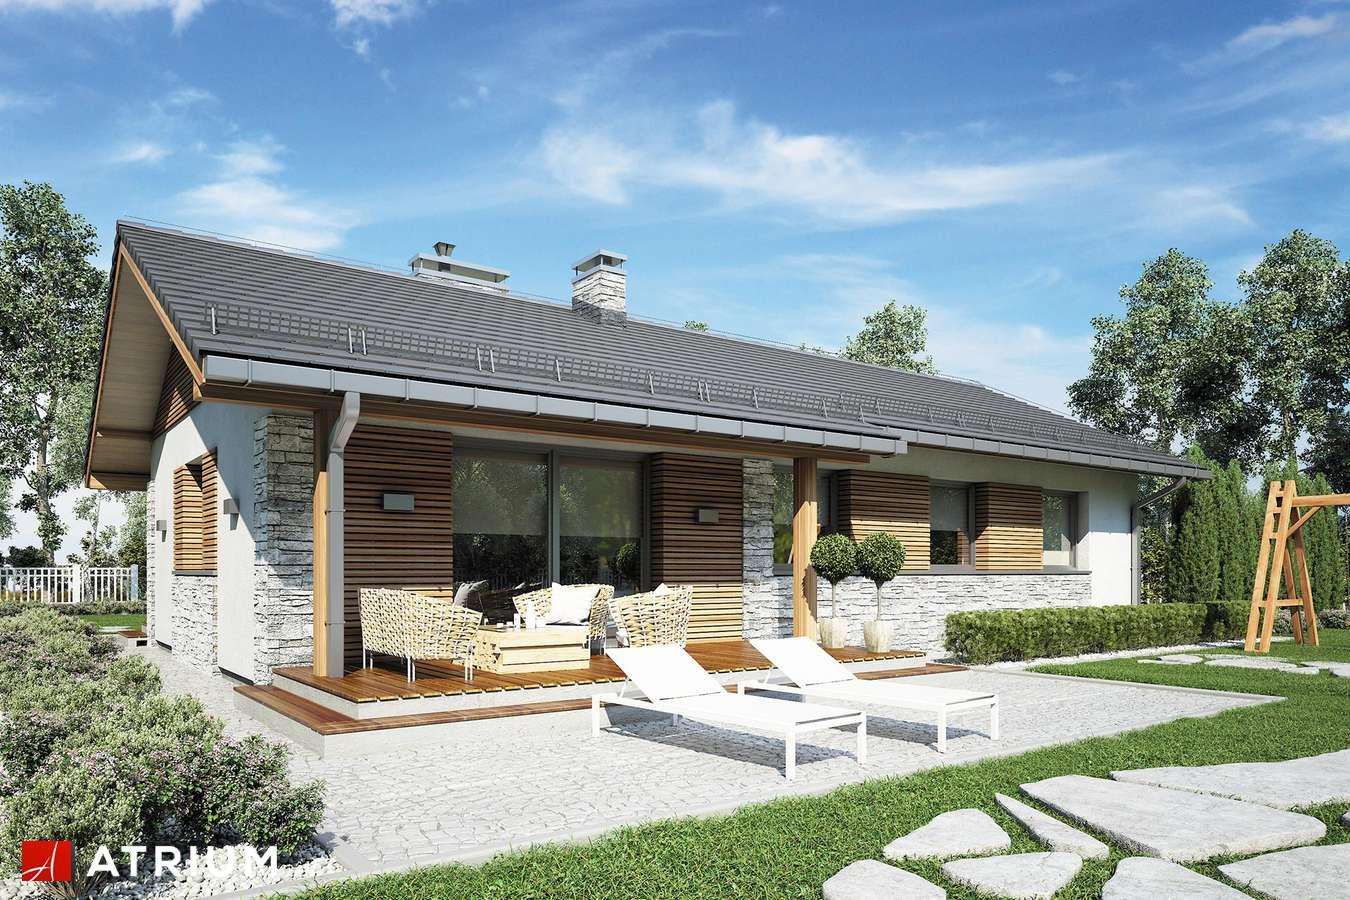 Projekty domów - Projekt domu parterowego ALBERTO - wizualizacja 1